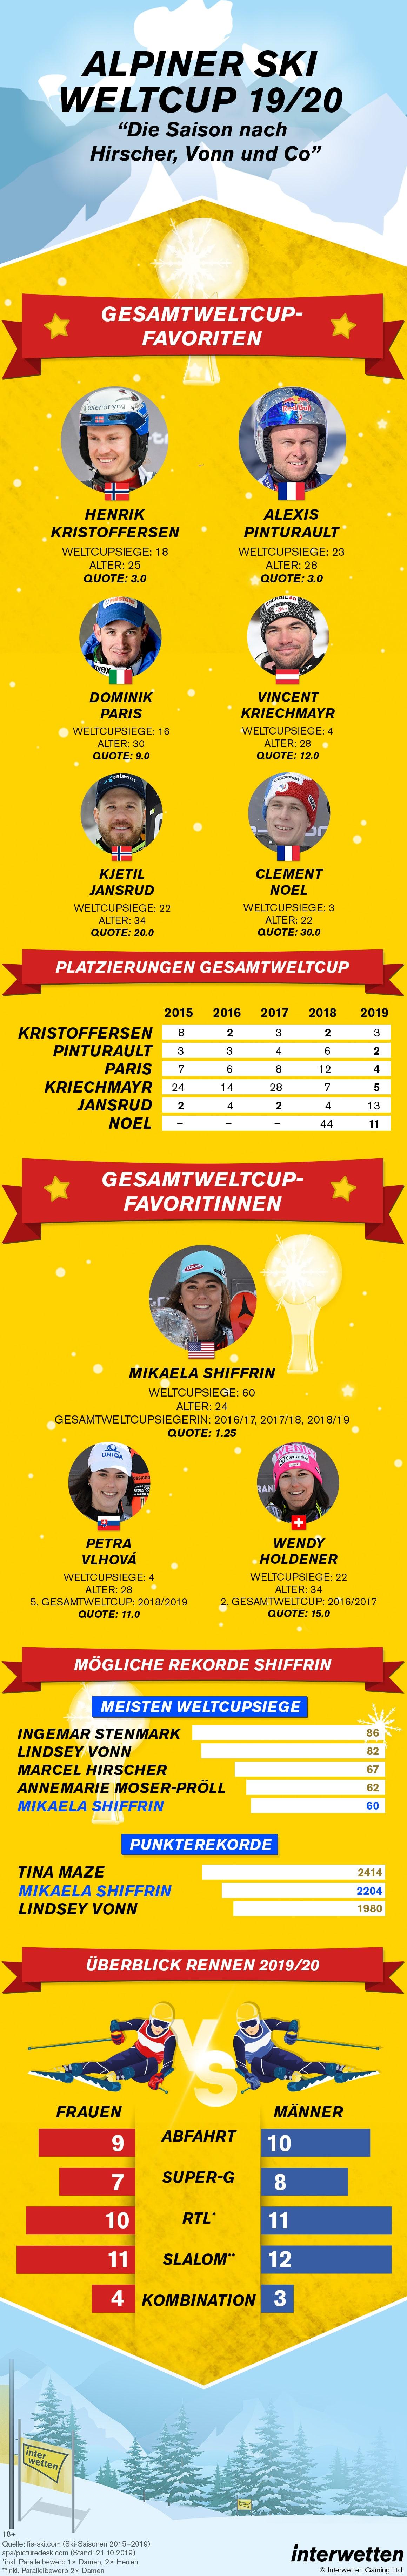 Quoten Alpiner Ski Weltcup 2019-20